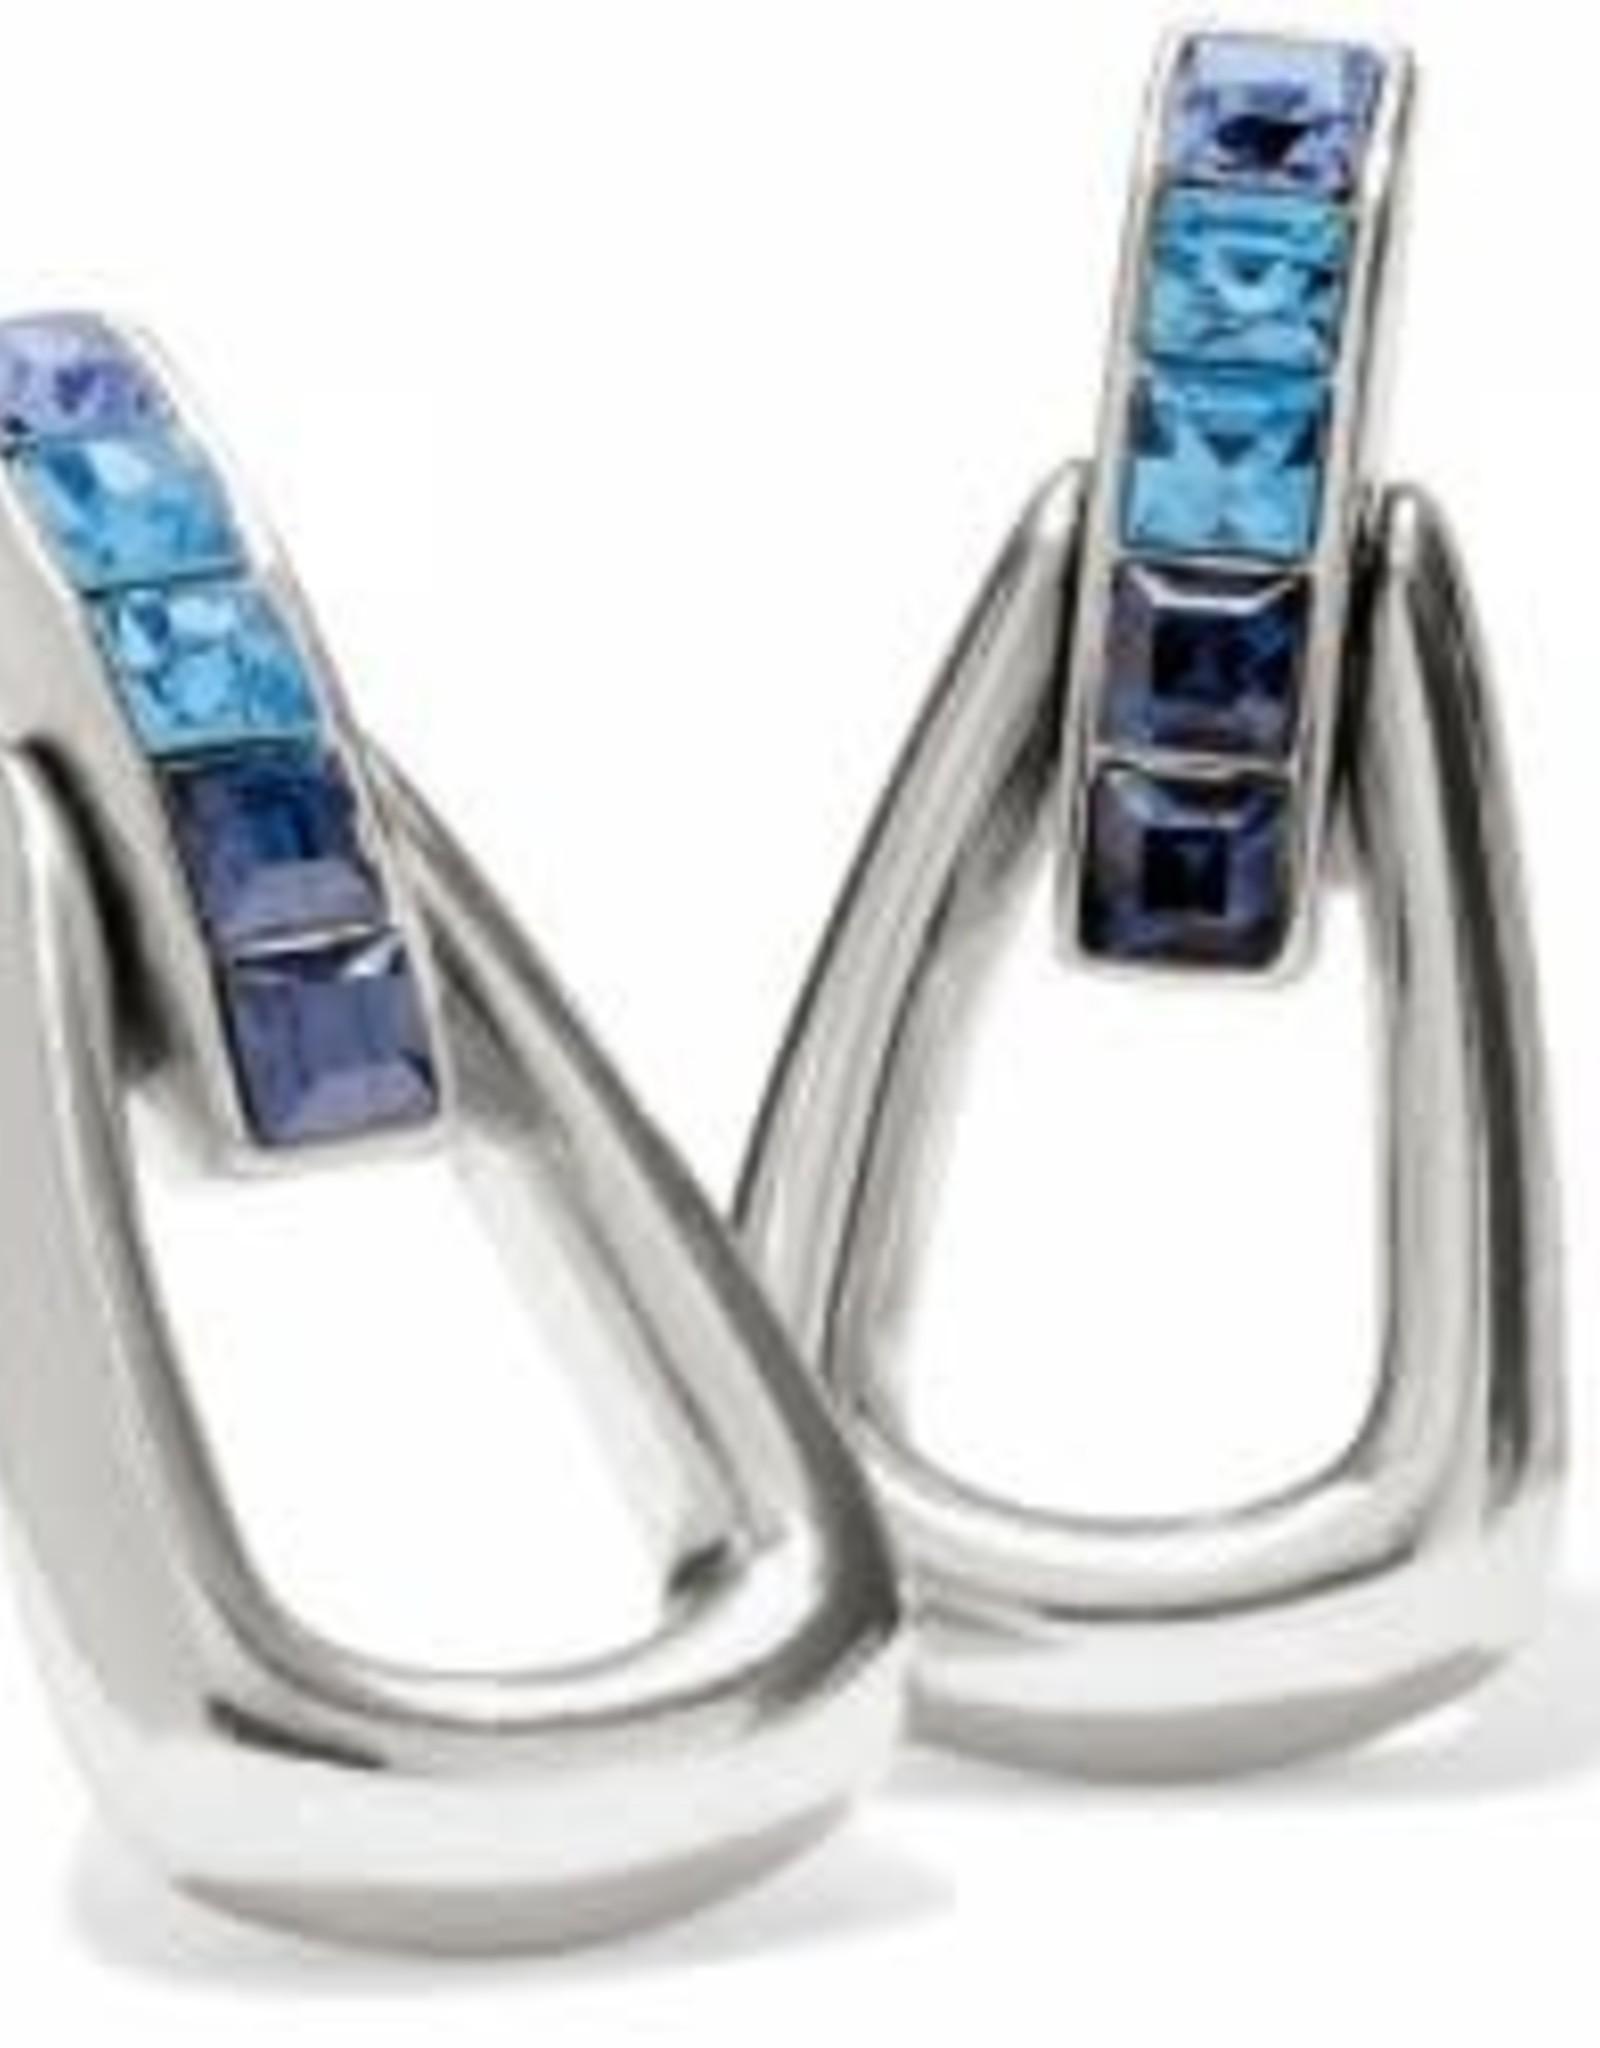 Brighton Brighton Earrings Spectrum Loop Post Drop Silver-Blue